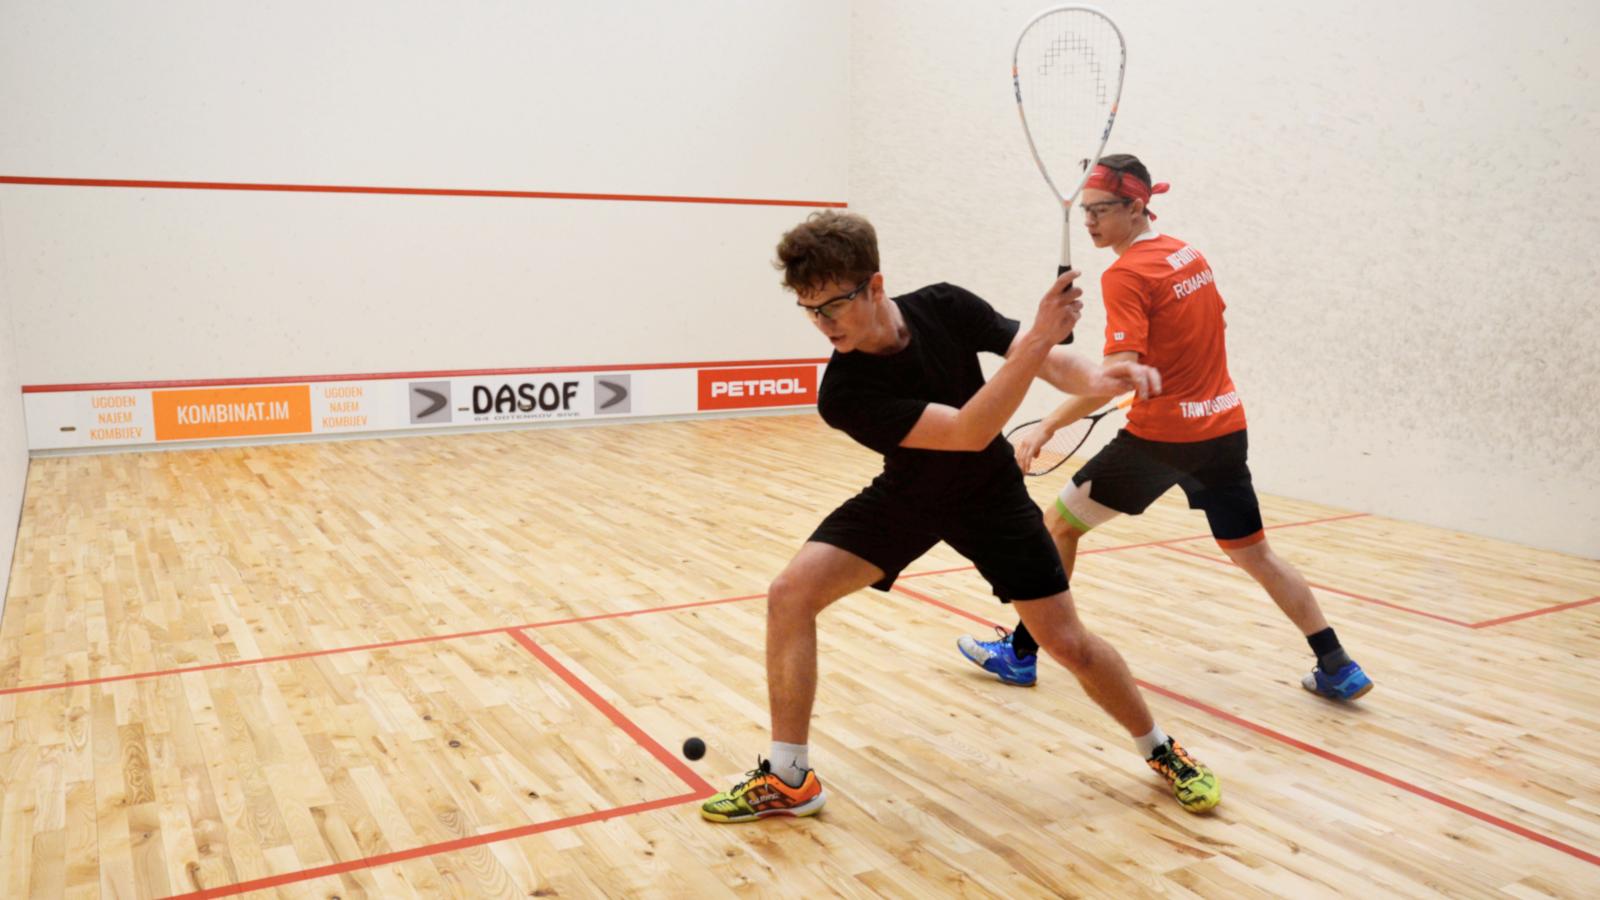 Organizacija squash tekmovanj